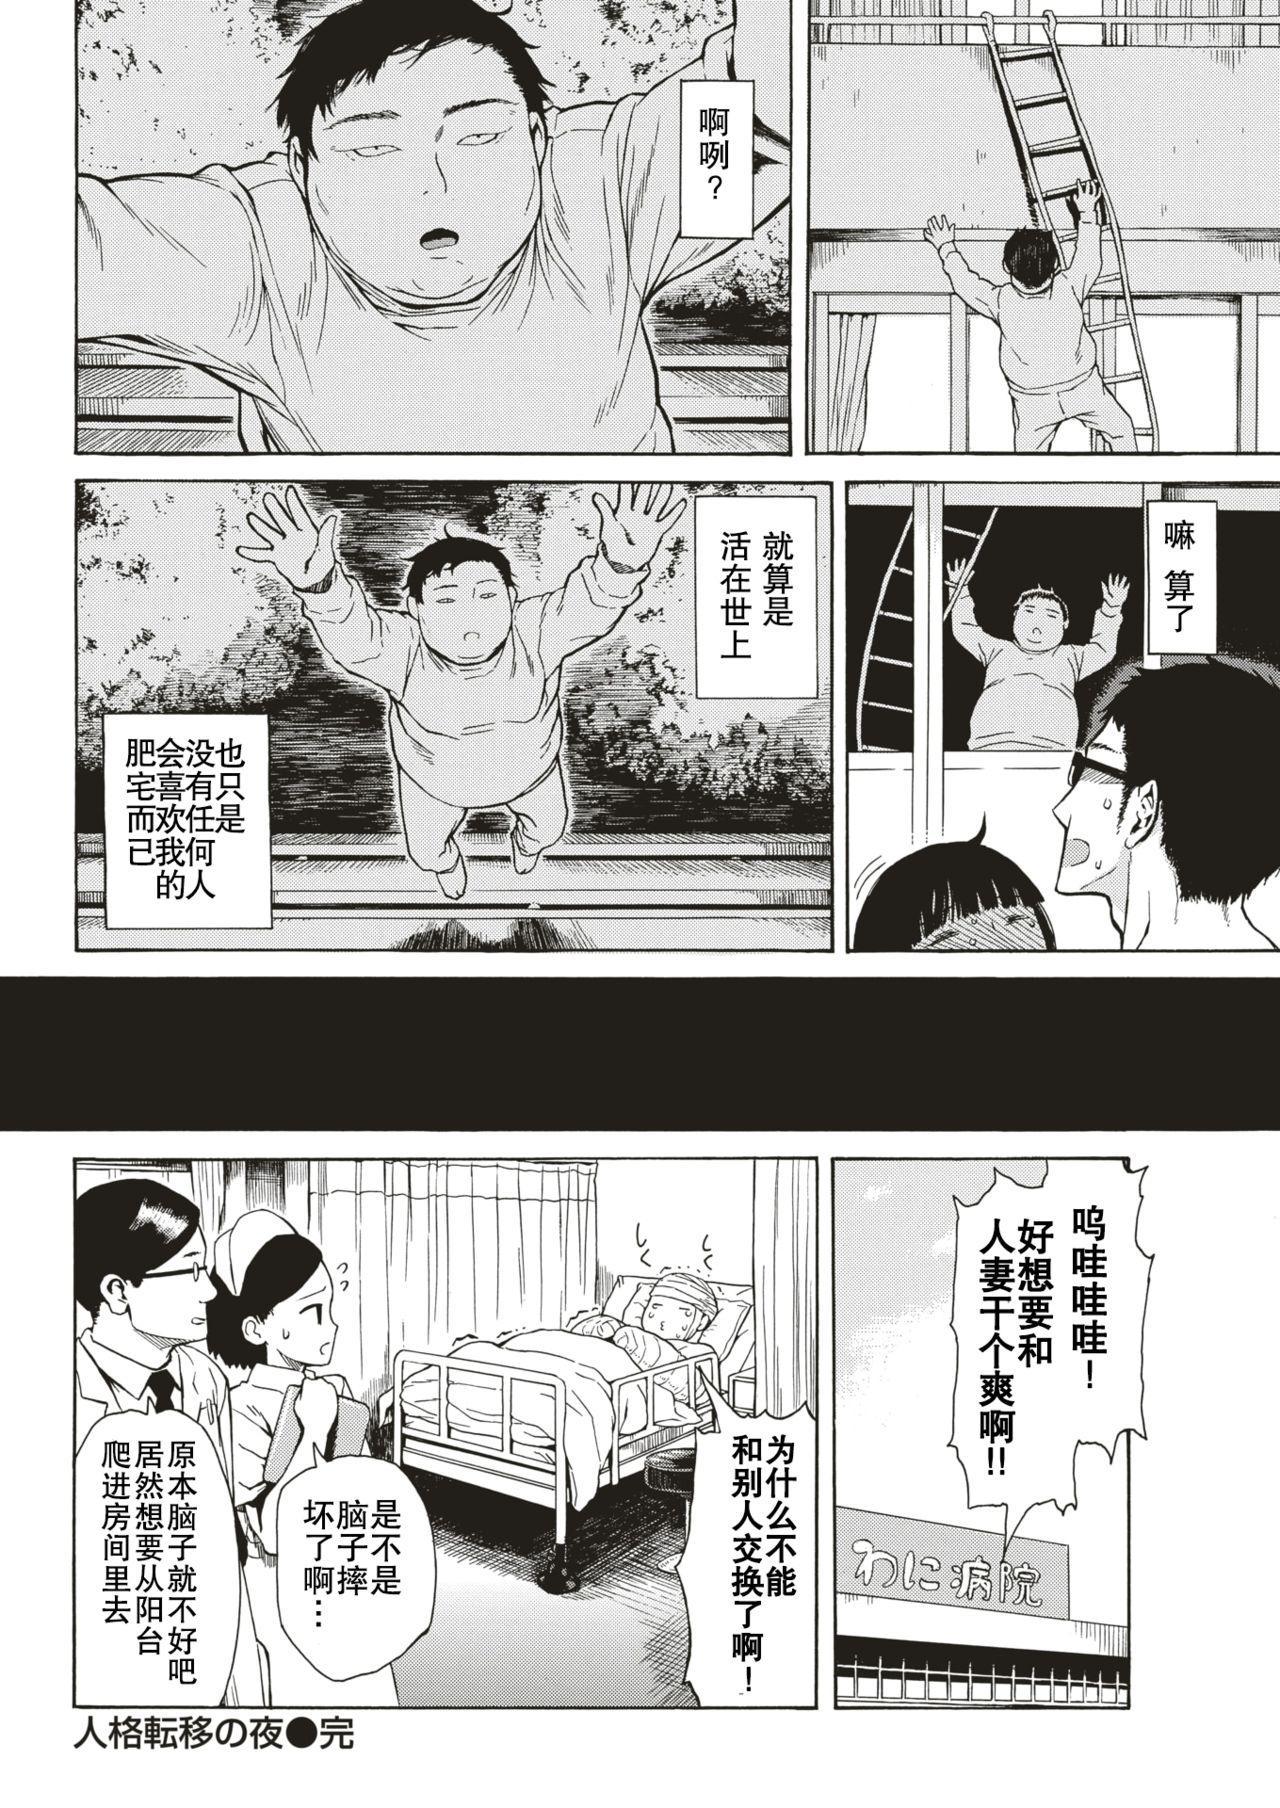 Jinkakuteni no Yoru Daisanya 16